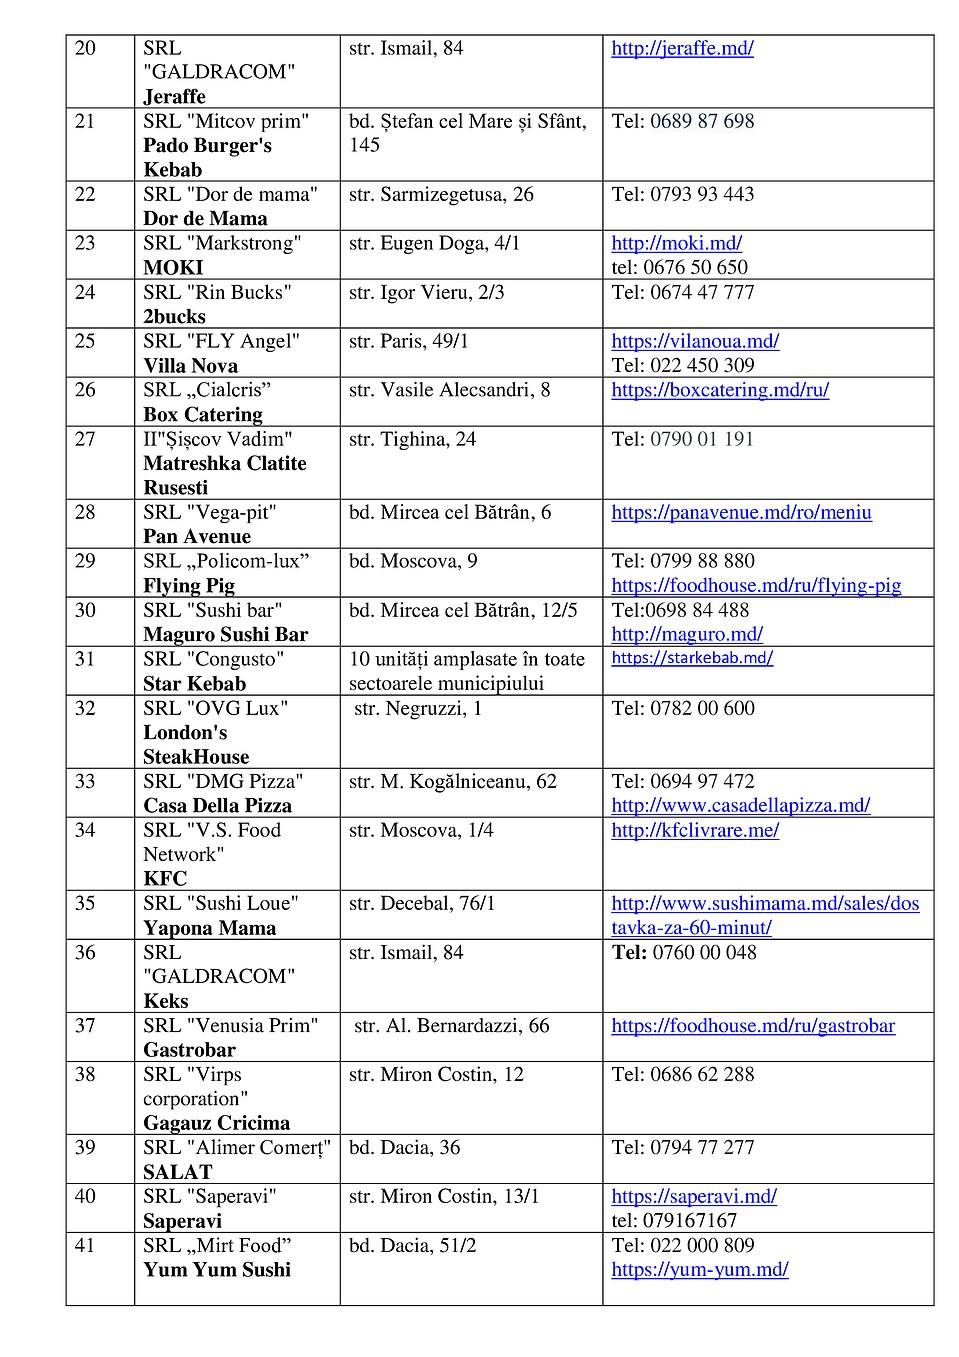 Список ресторанов Кишинева, осуществляющих доставку еды на дом